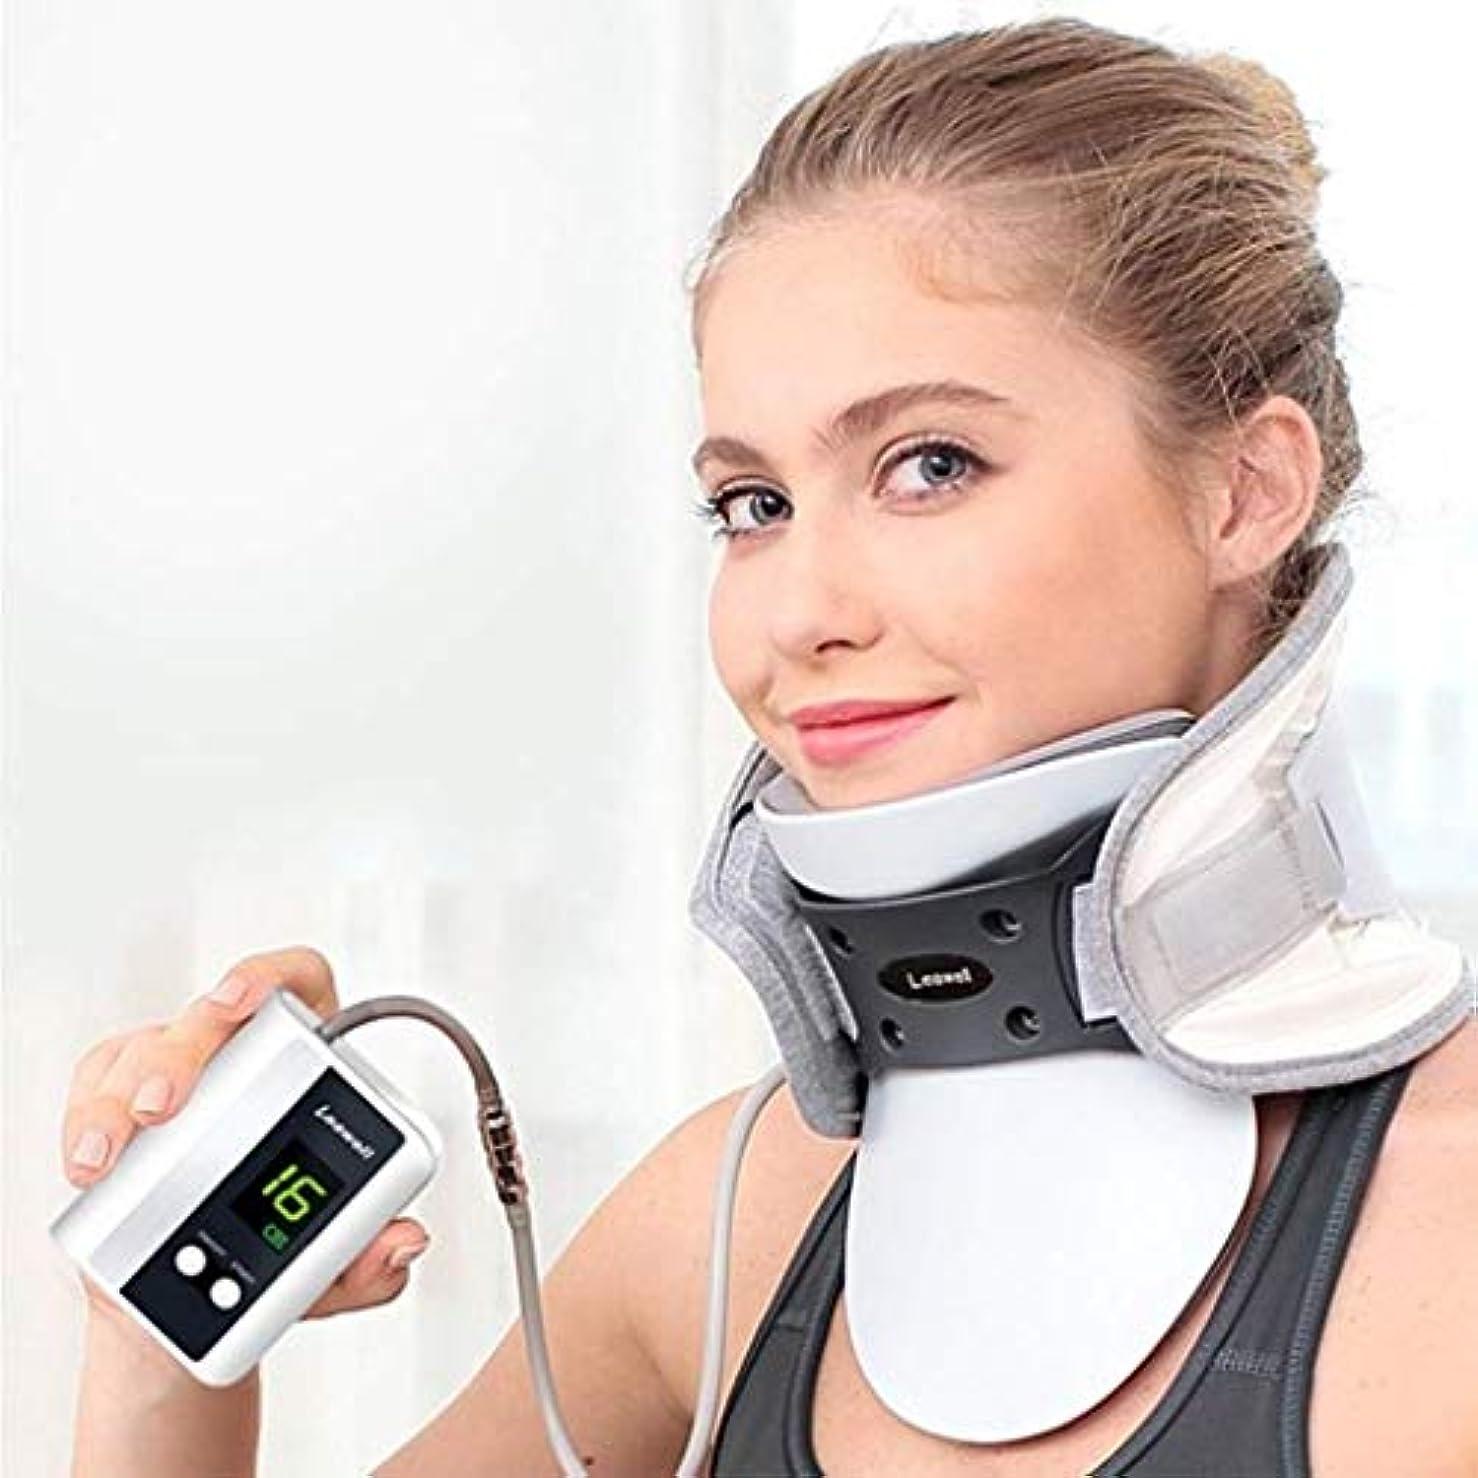 慈善子音護衛ネックマッサージャー、電動ネックサポート看護機器、調整可能なインフレータブル頸部牽引装置、ホームマッサージ頸椎関節フレーム、ストレス/痛みを和らげる